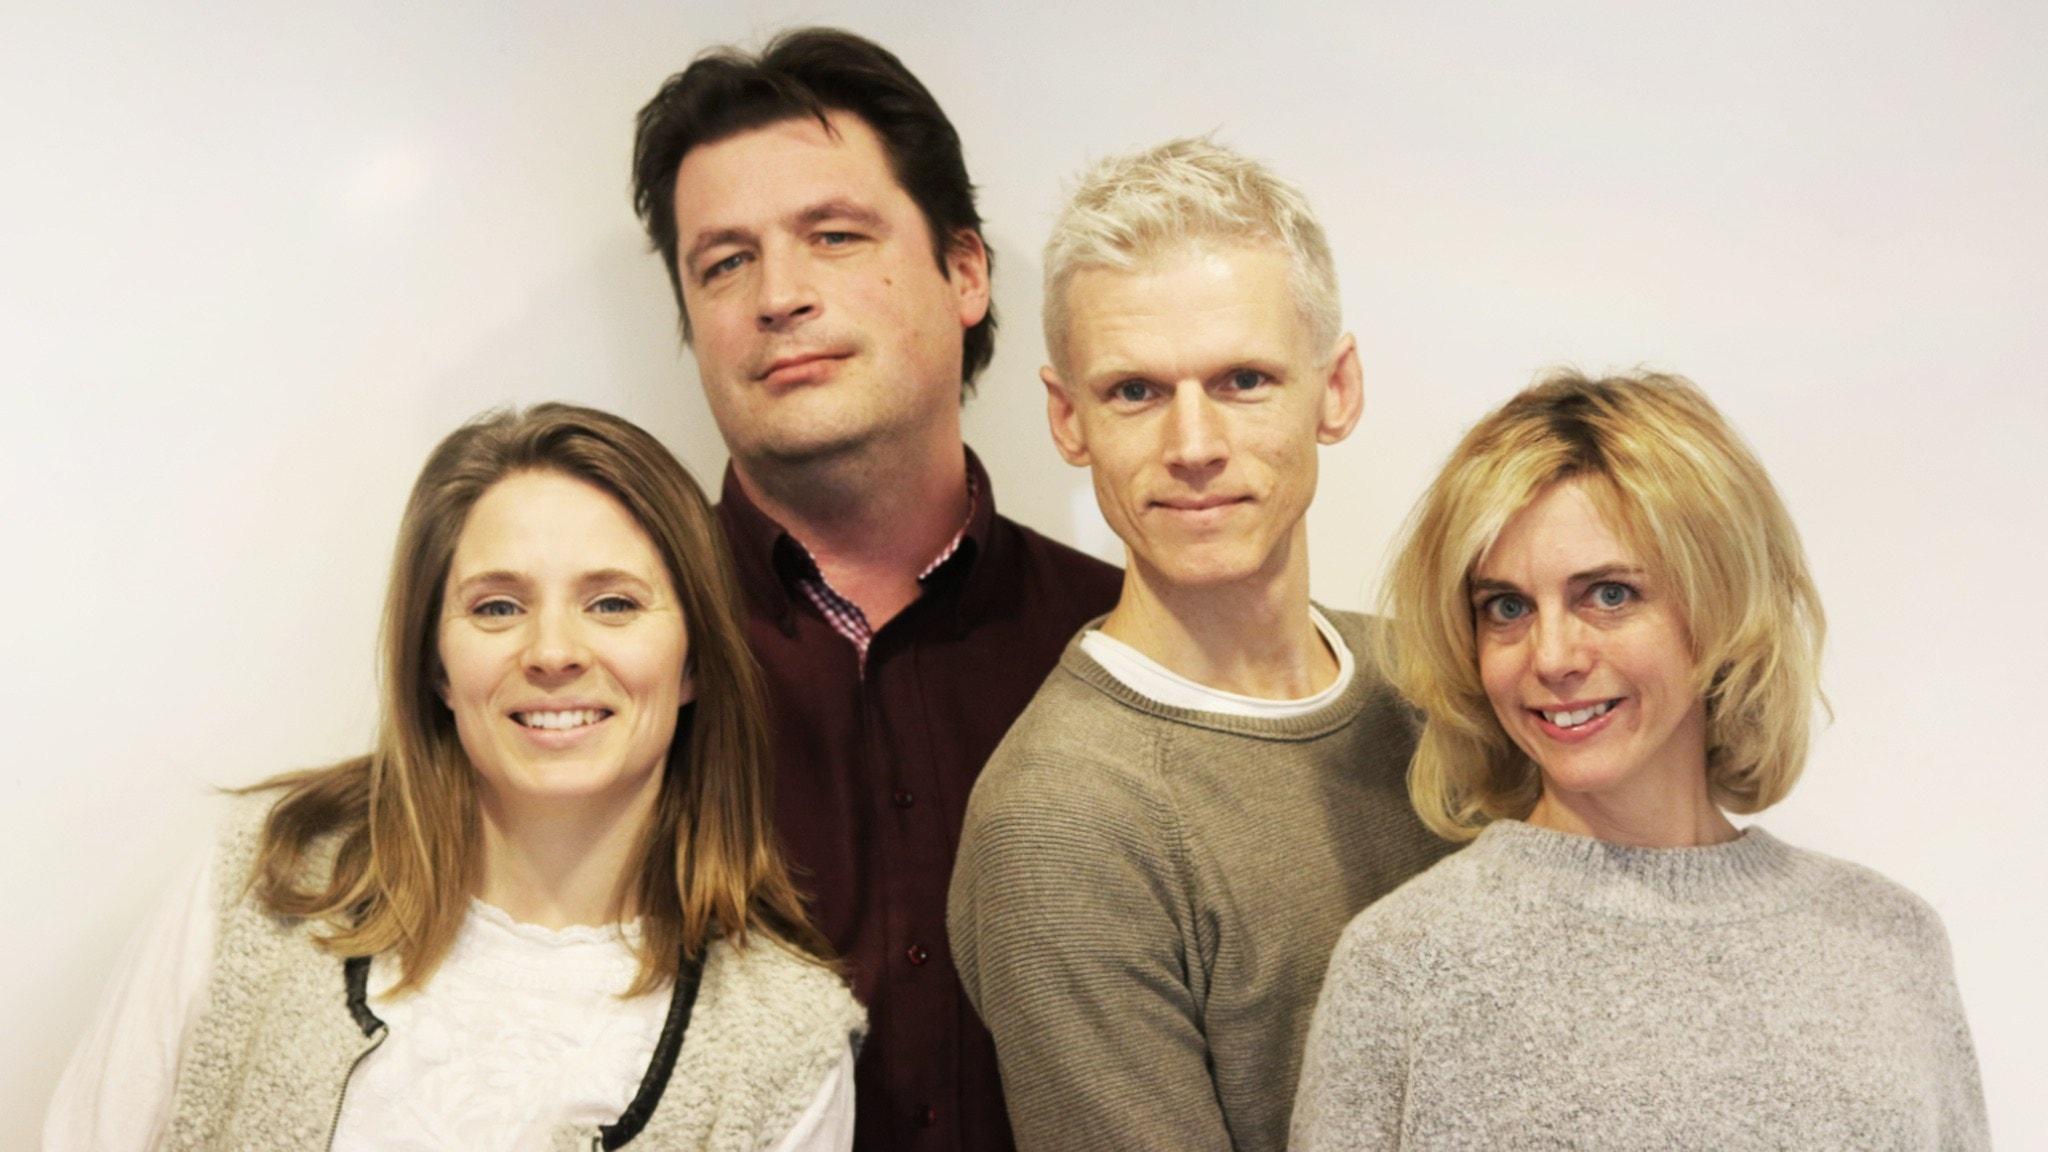 Med Johan Signert och Emma Sandebäck